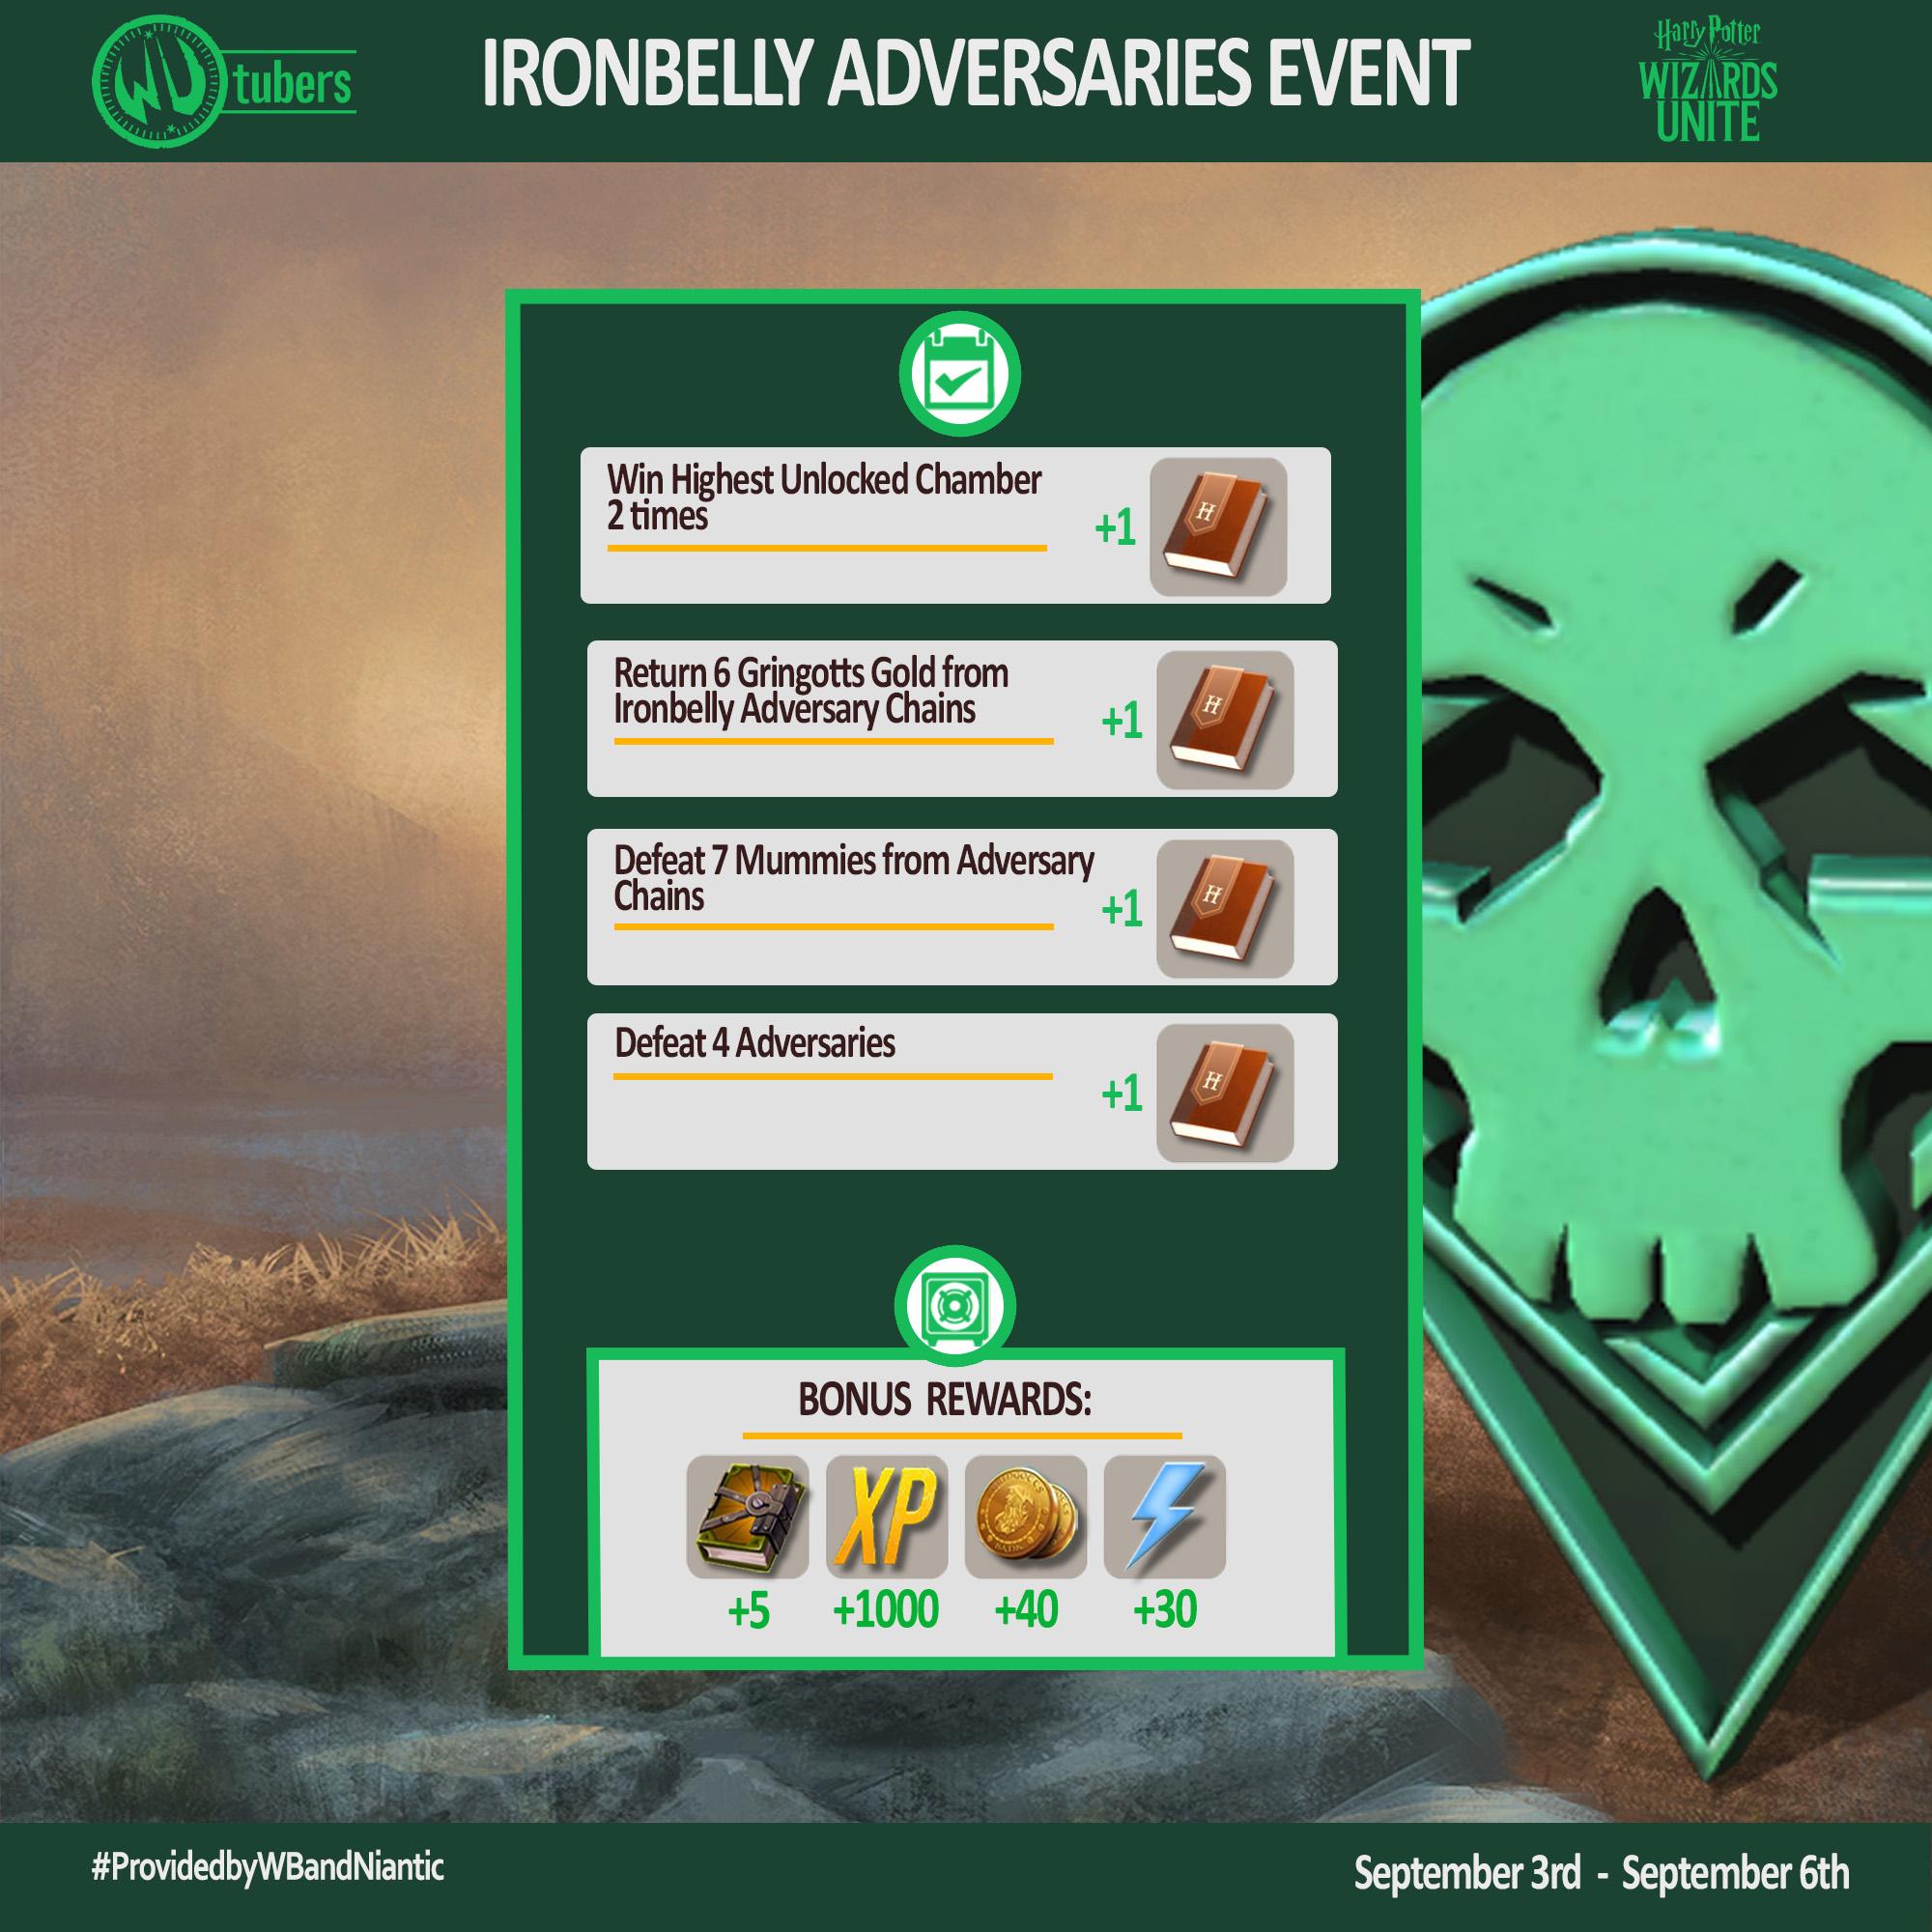 Ironbelly_Adversaries_tasks_bonus.jpg